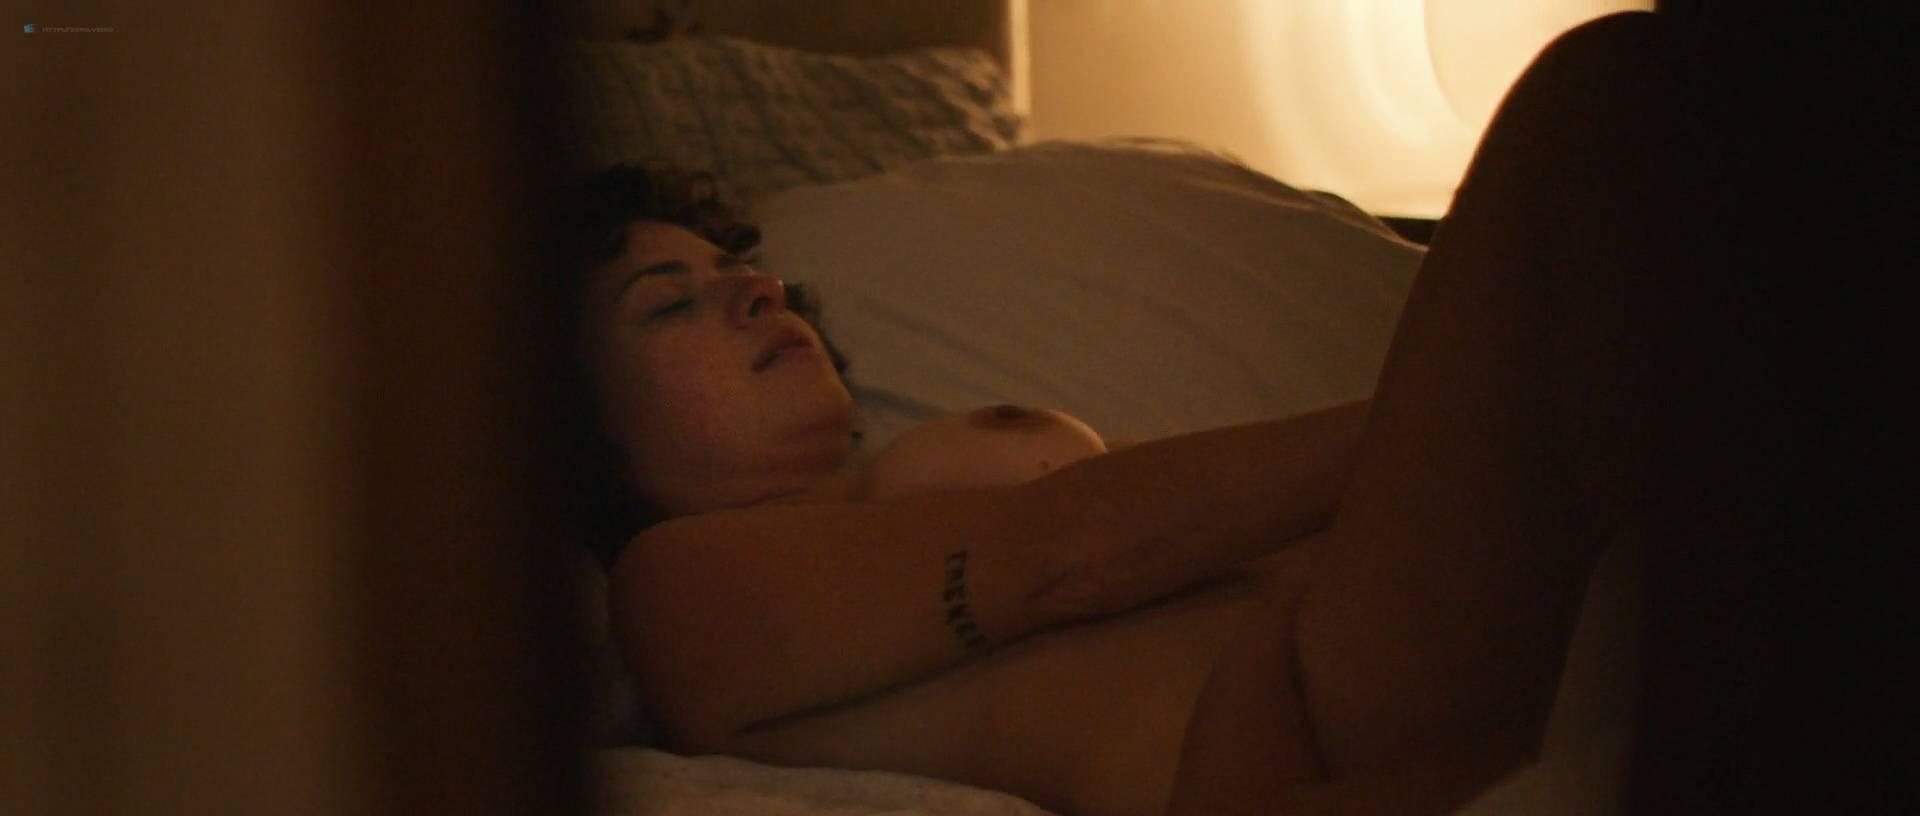 Aida Folch Tetas laia costa nude topless and sex alia shawkat nude lesbian